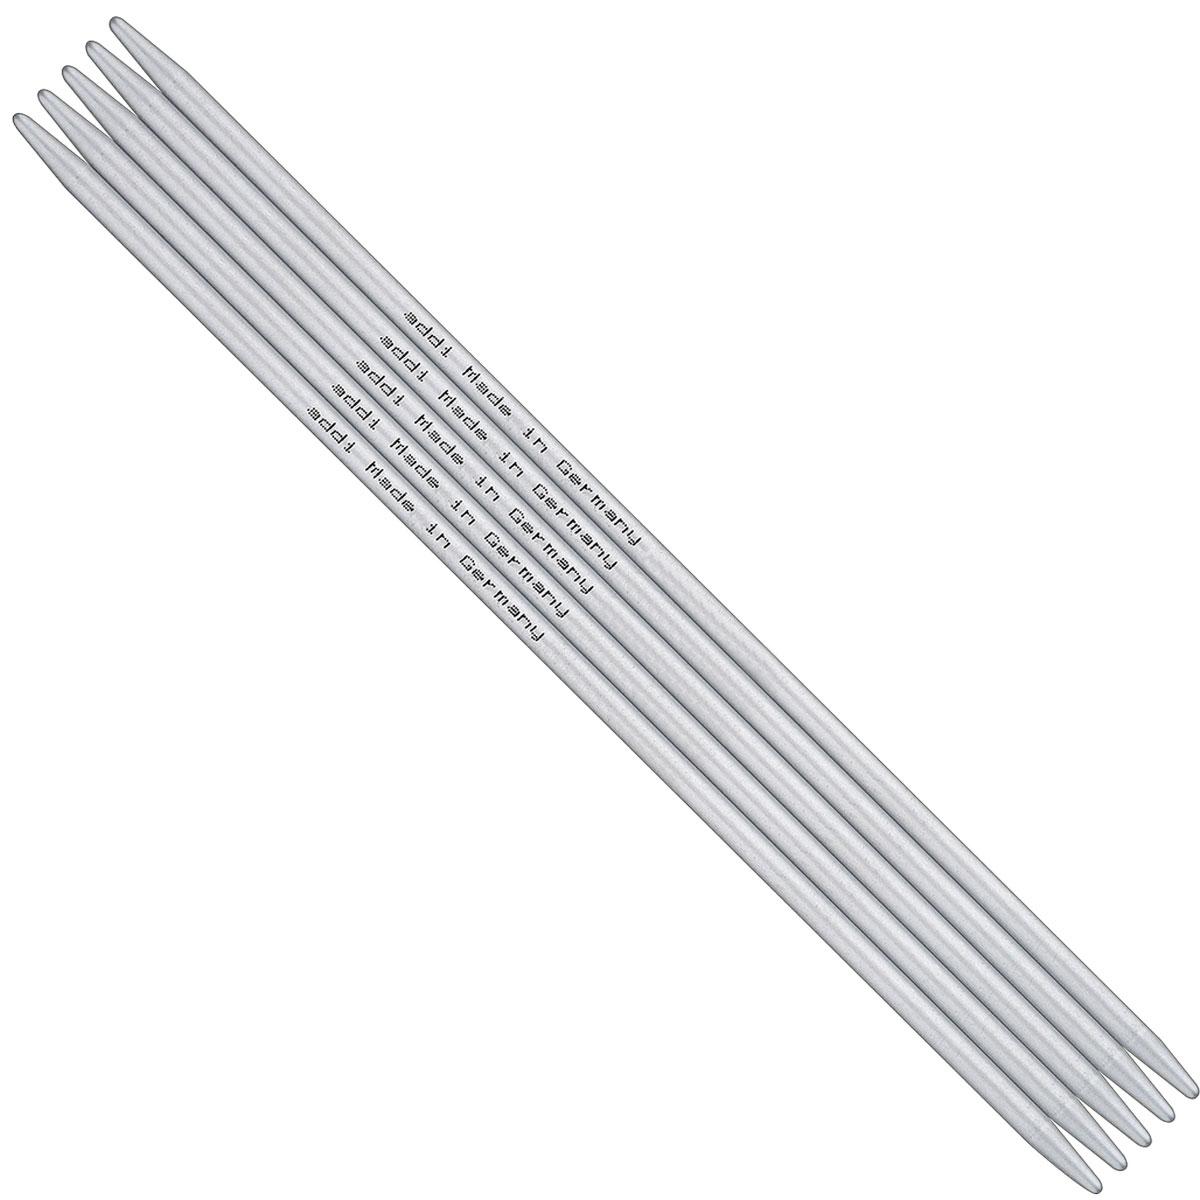 ADDI Спицы, чулочные, алюминий, №3,5, 40 см, 5 шт в блистере201-7/3.5-40Солидные и легкие чулочные спицы из высококачественного алюминия addi обладают прекрасными тактильными качествами и благородным серебристо-матовым цветом. Уникальный стук при вязании радует слух. За счет гладкой поверхности работать с ними легко и удобно. На саму спицу, как и на других артикулах, нанесен размер, длина и знаменитое Made in Germany.